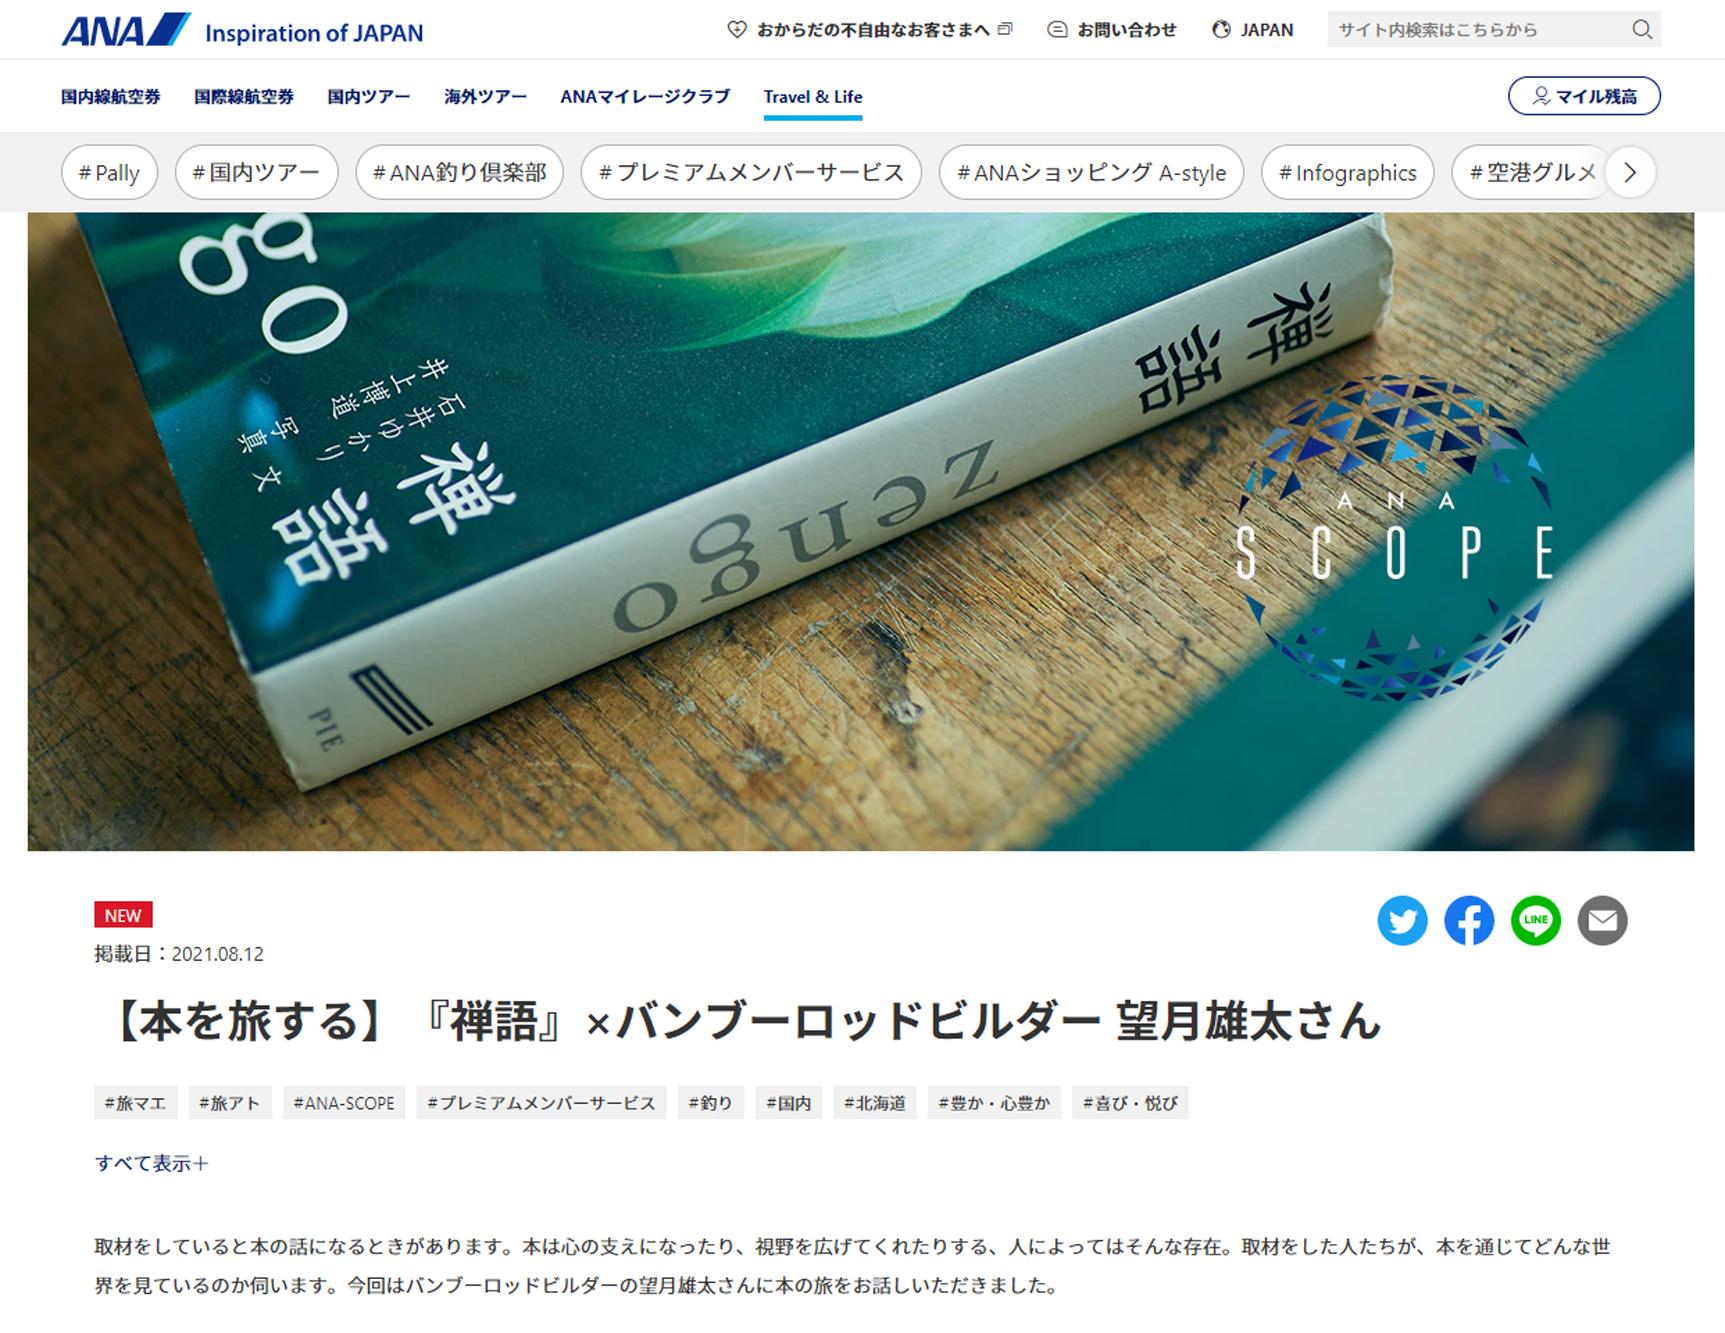 【本を旅する】『禅語』×バンブーロッドビルダー 望月雄太01